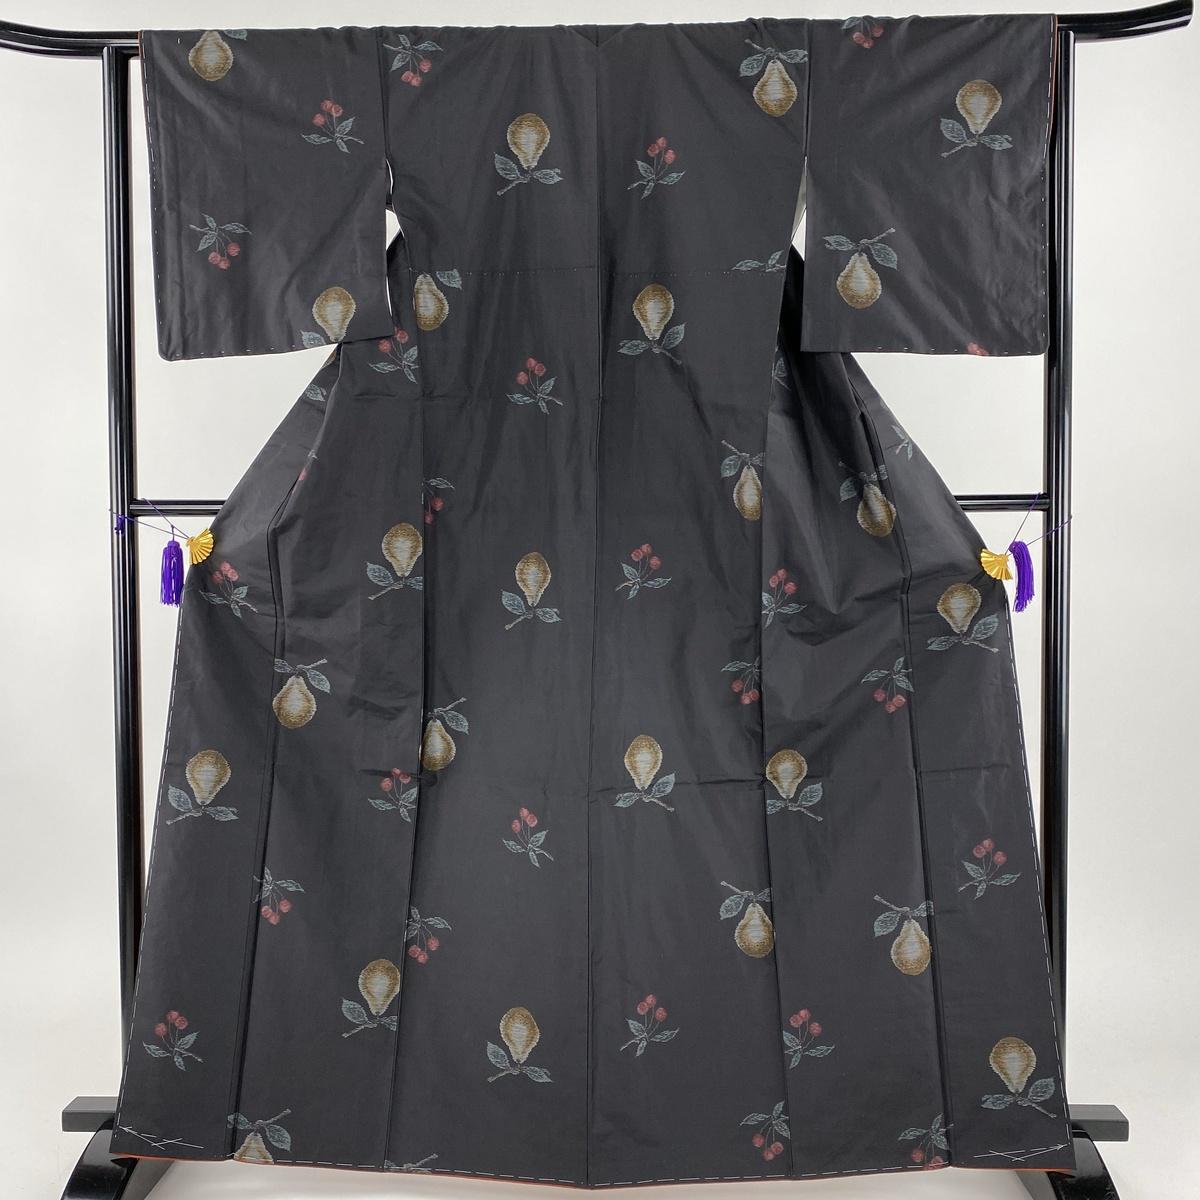 紬 名品 さくらんぼ 洋ナシ 黒 袷 身丈164.5cm 裄丈63.5cm S 正絹 【中古】